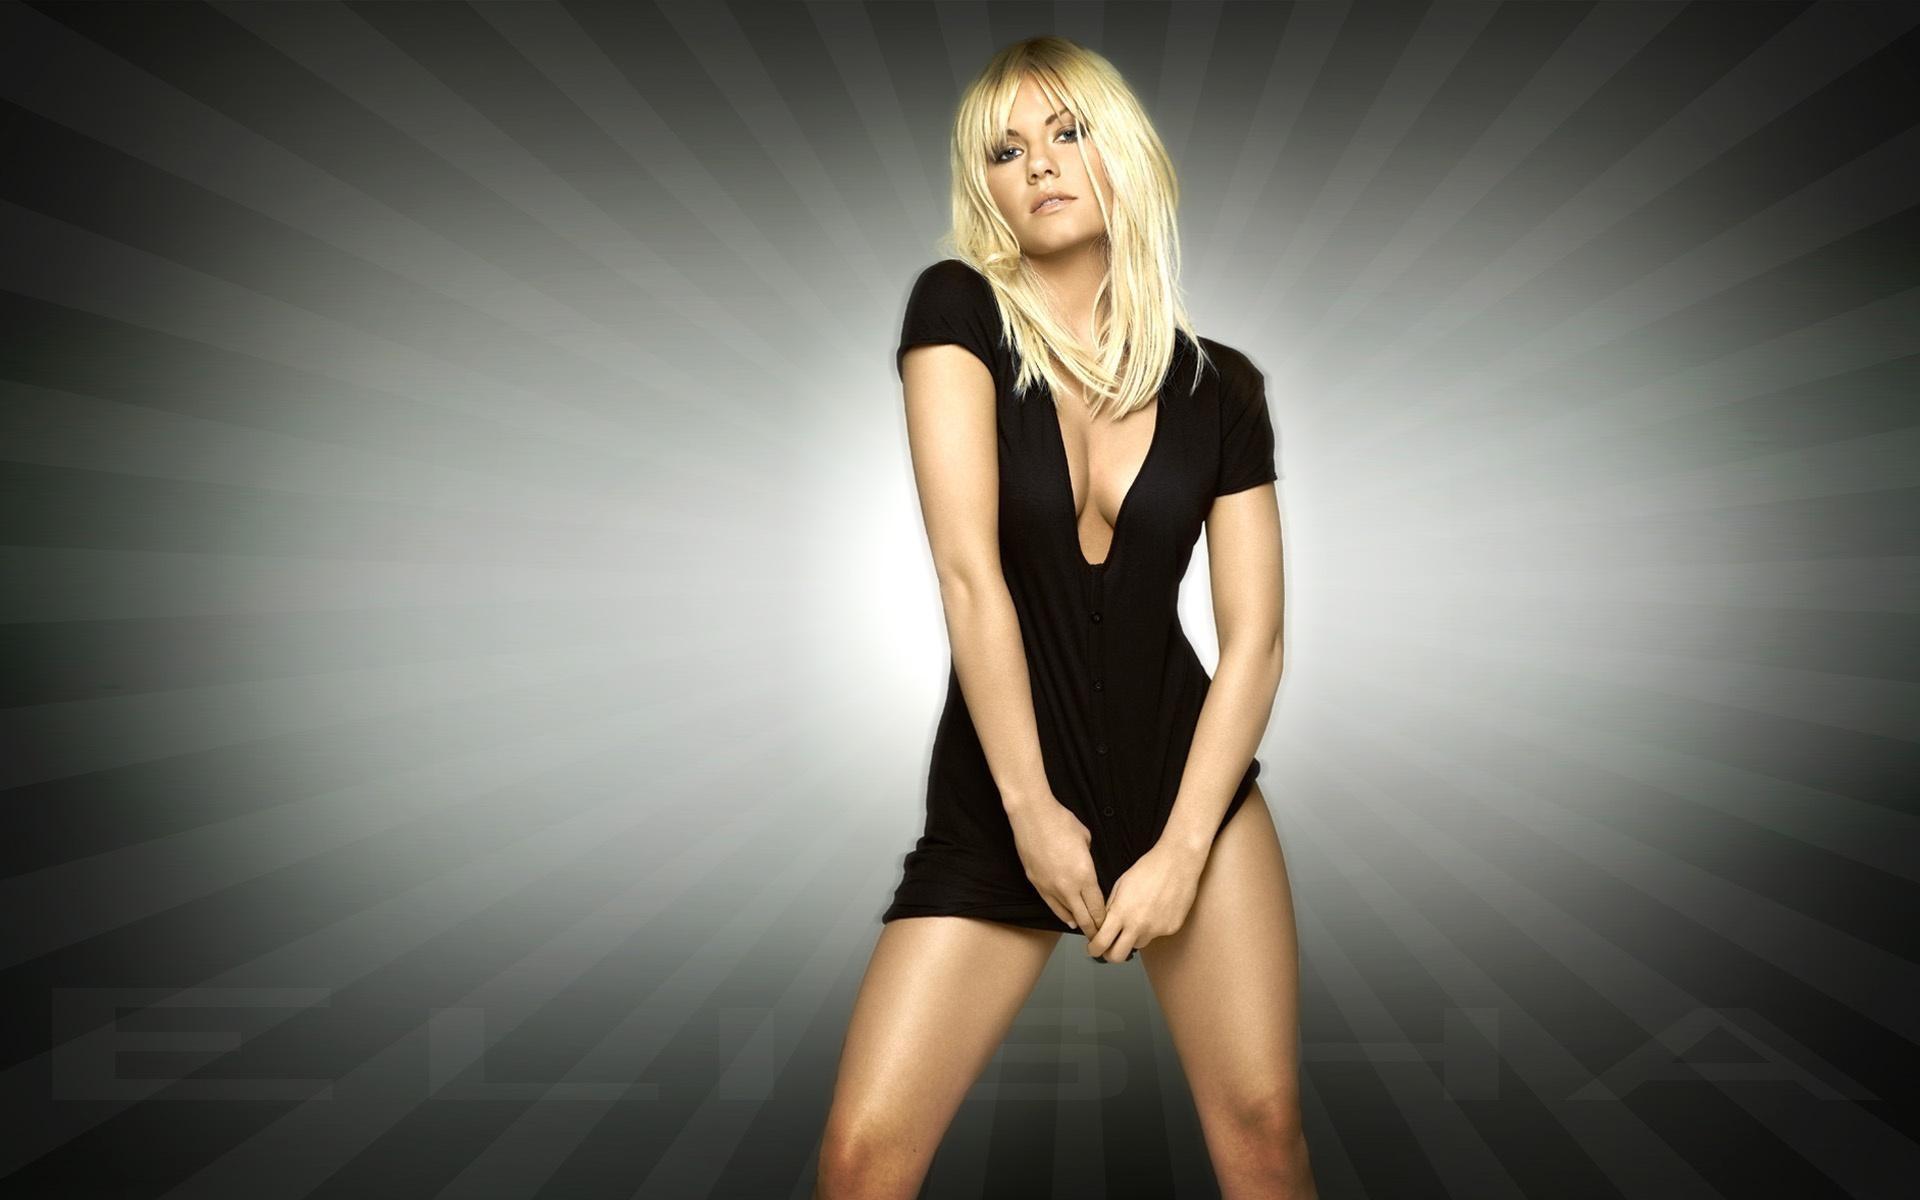 Фото девушки в чёрном платье блондинка